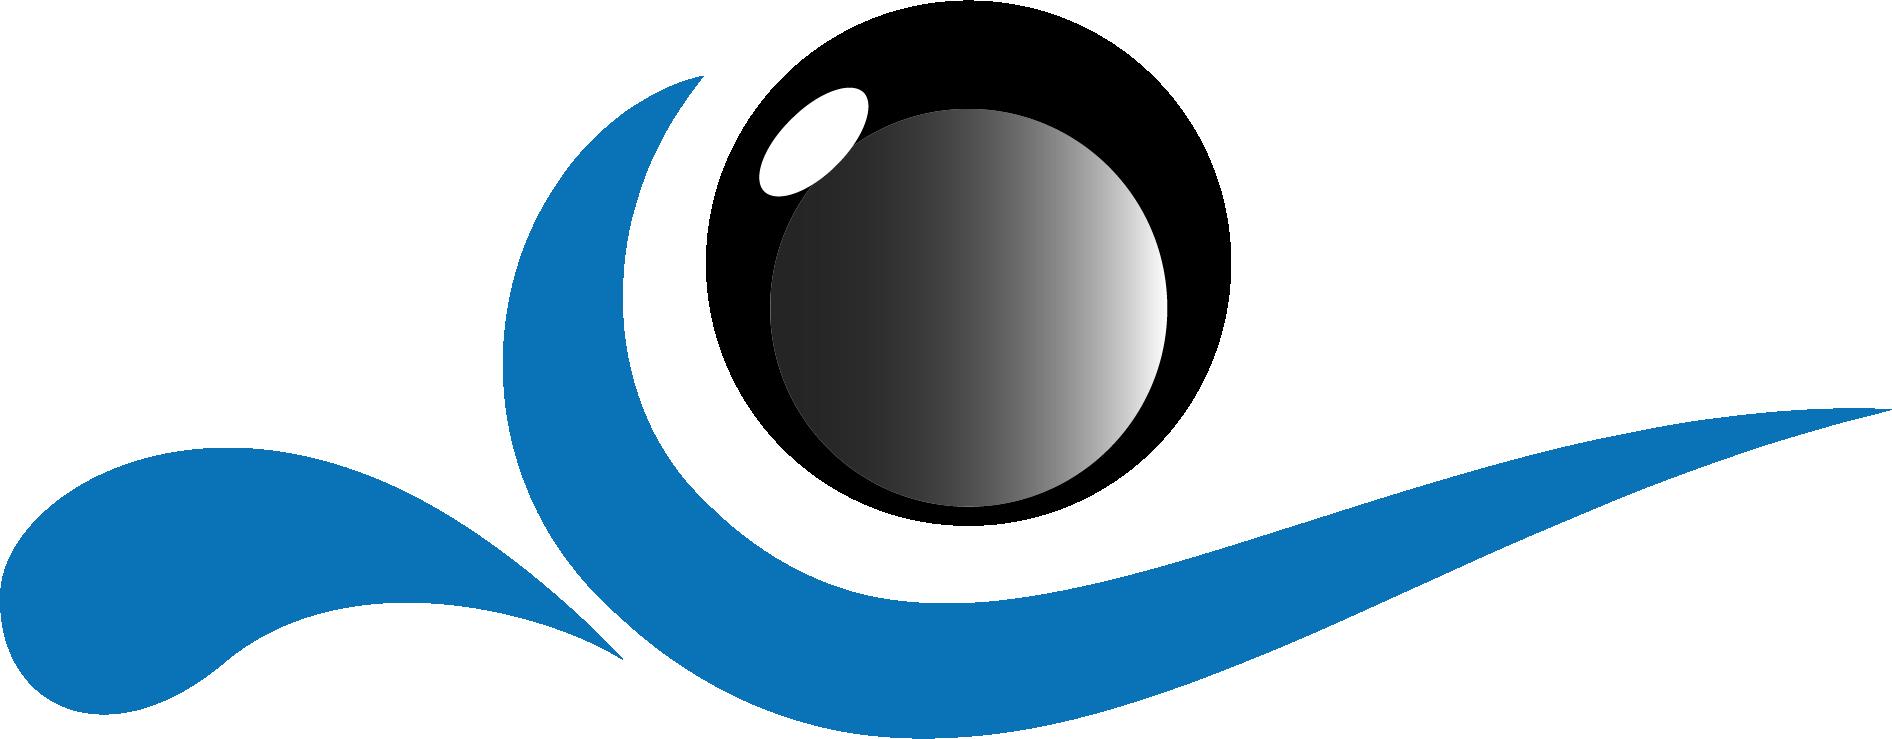 majitekno logo